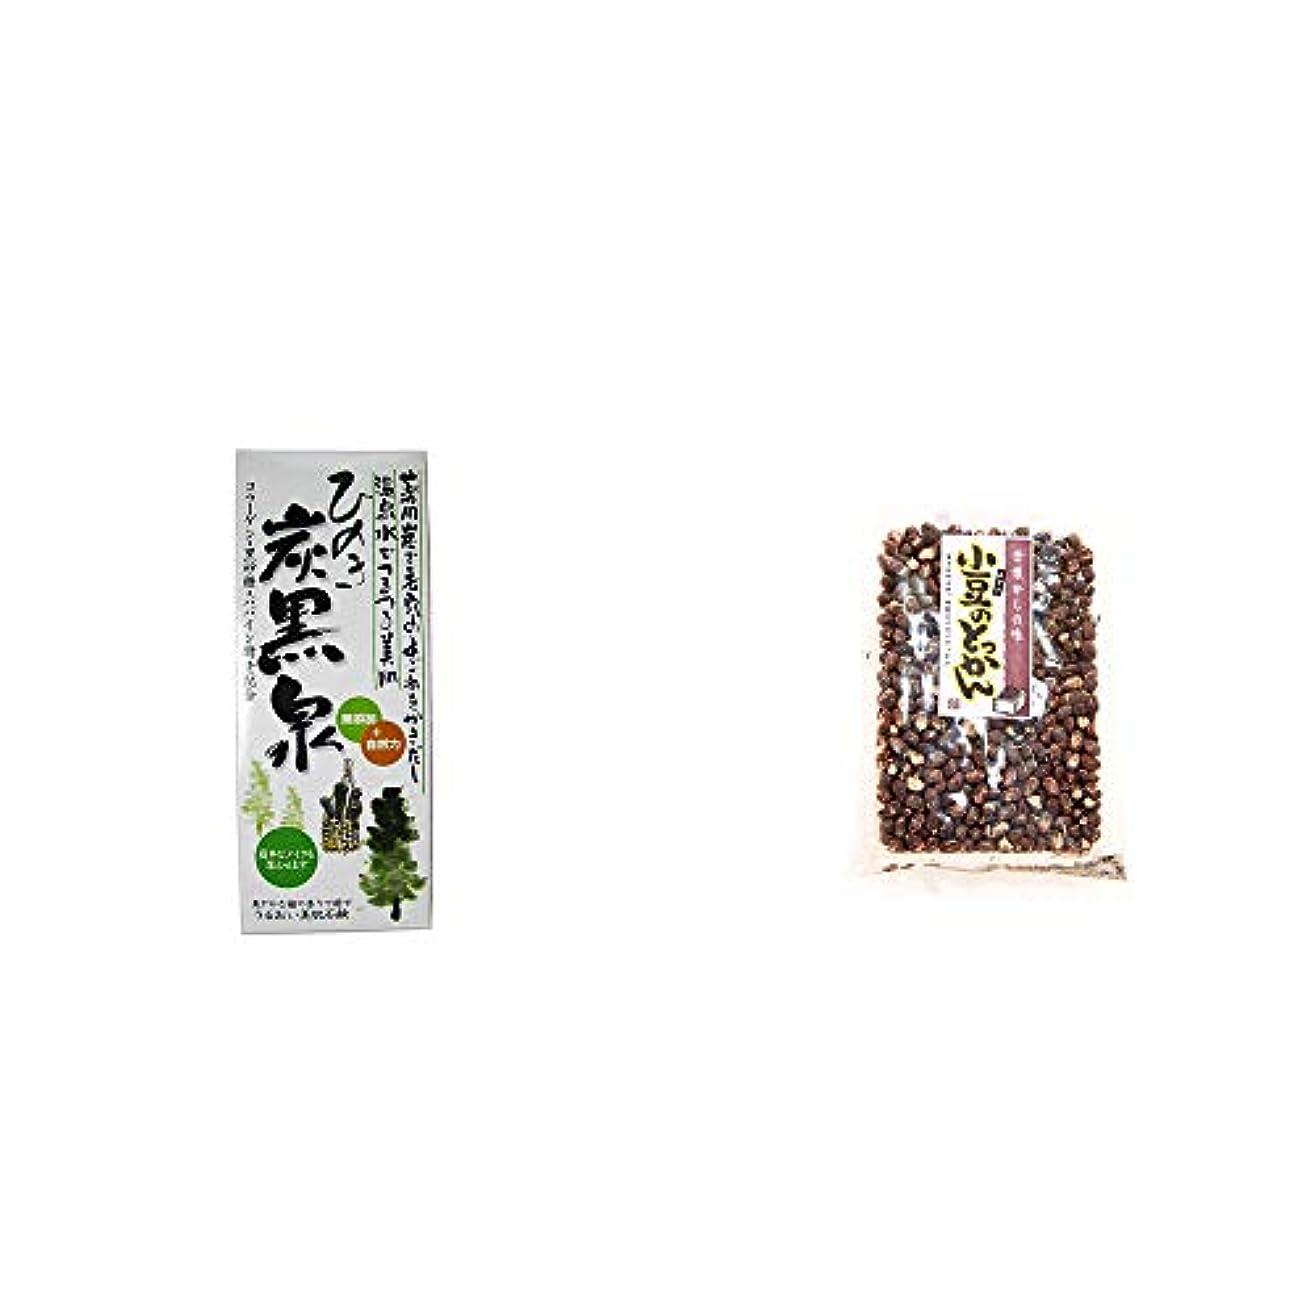 灰キャロライン架空の[2点セット] ひのき炭黒泉 箱入り(75g×3)?小豆のとっかん(150g)